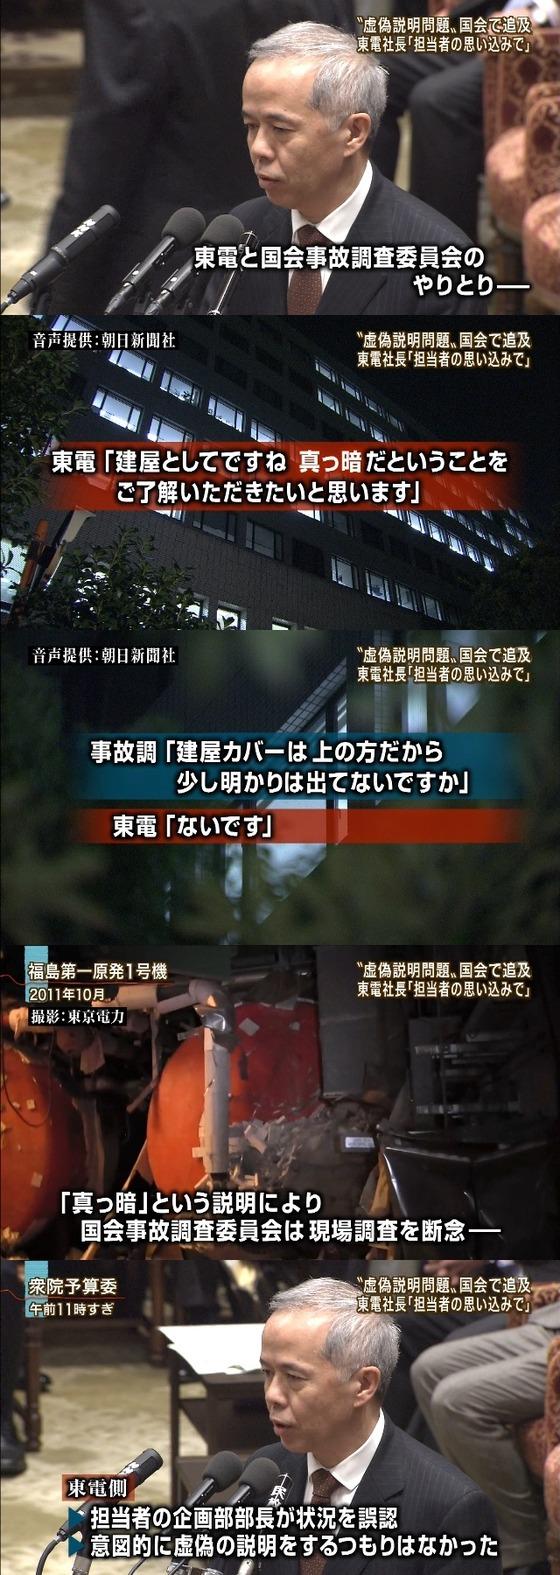 東電社長「担当者の思い込み」3